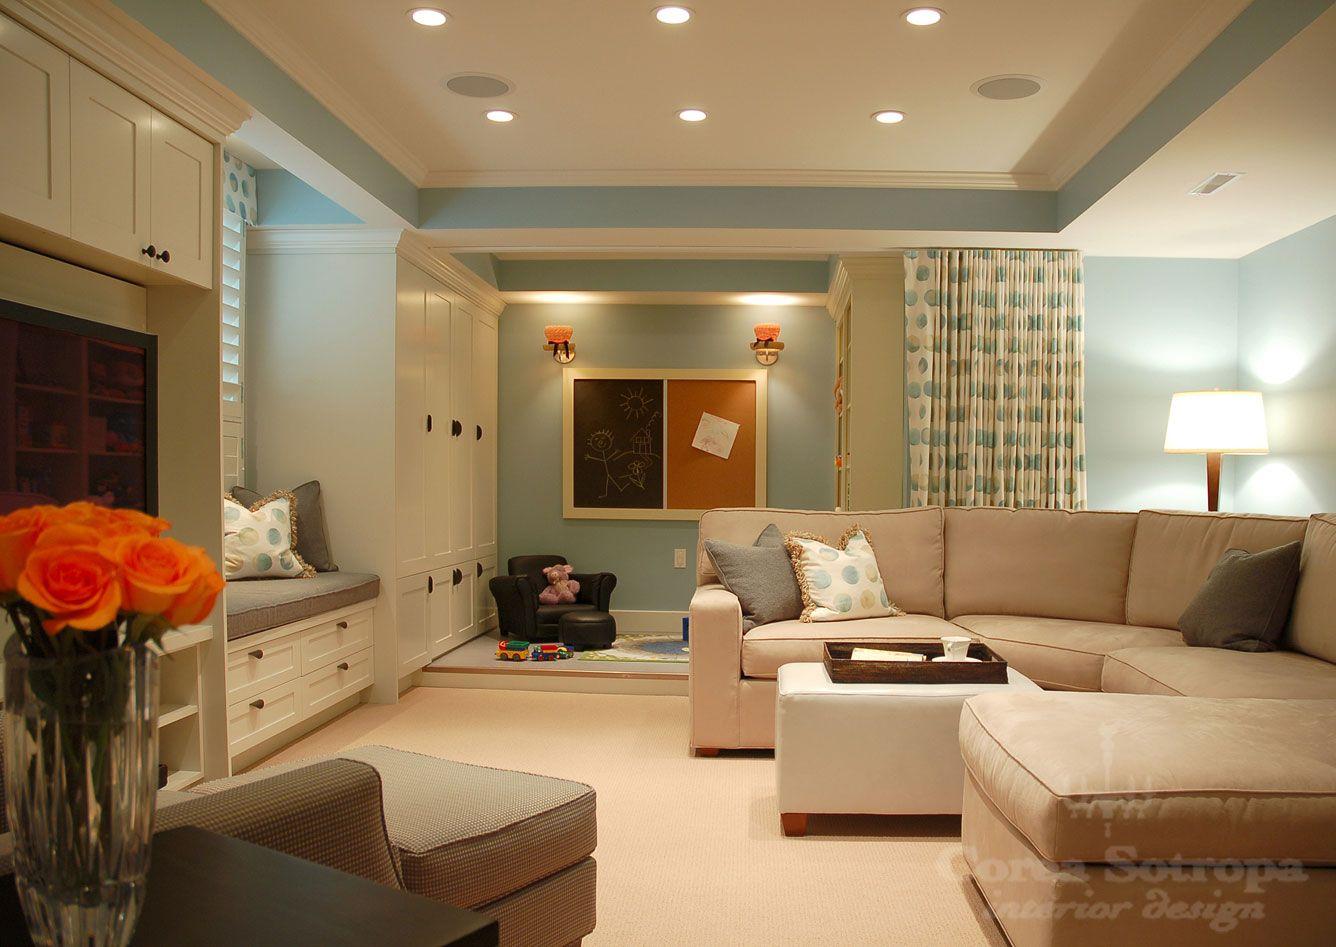 fresh feeling basement Basement decor, Living room designs